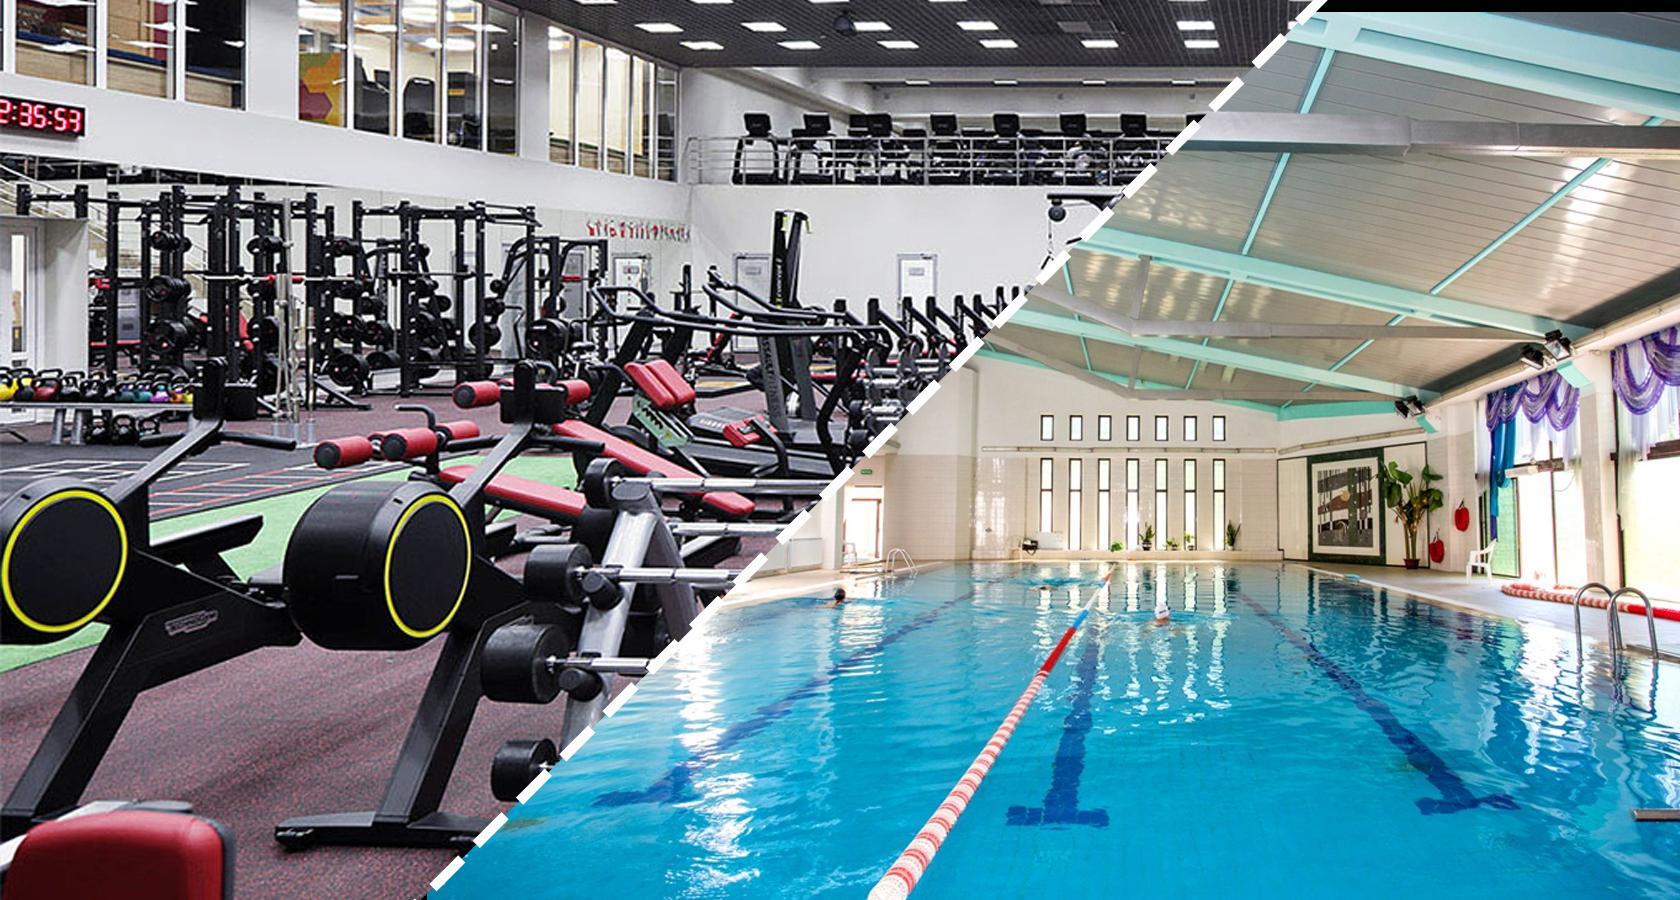 Лучше бассейн или тренажерный зал для похудения